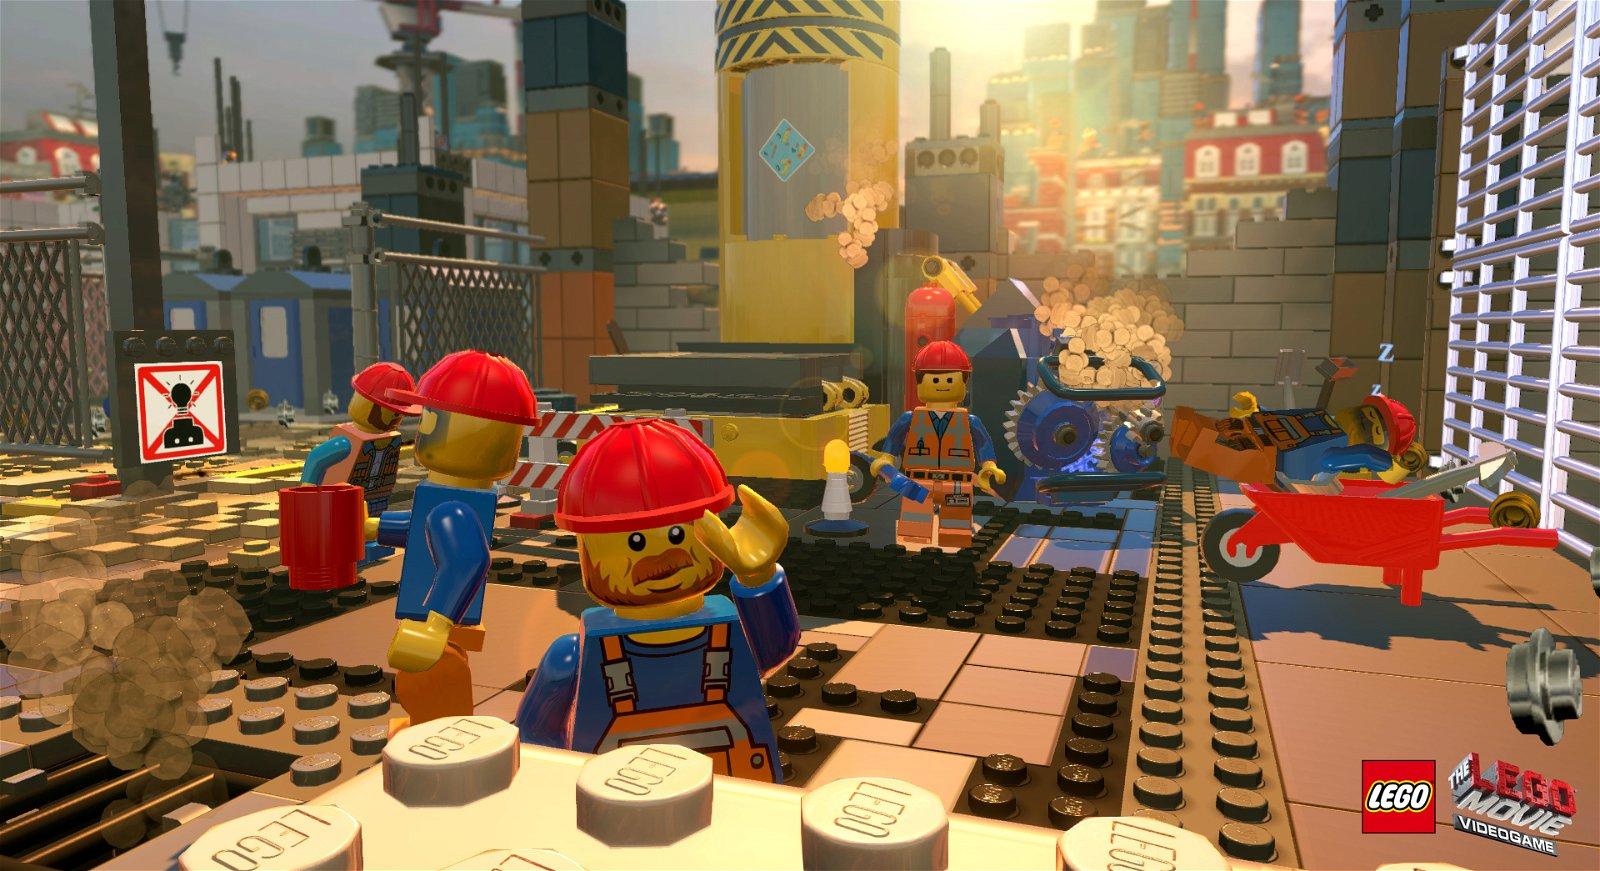 Legomoviegameinsert2